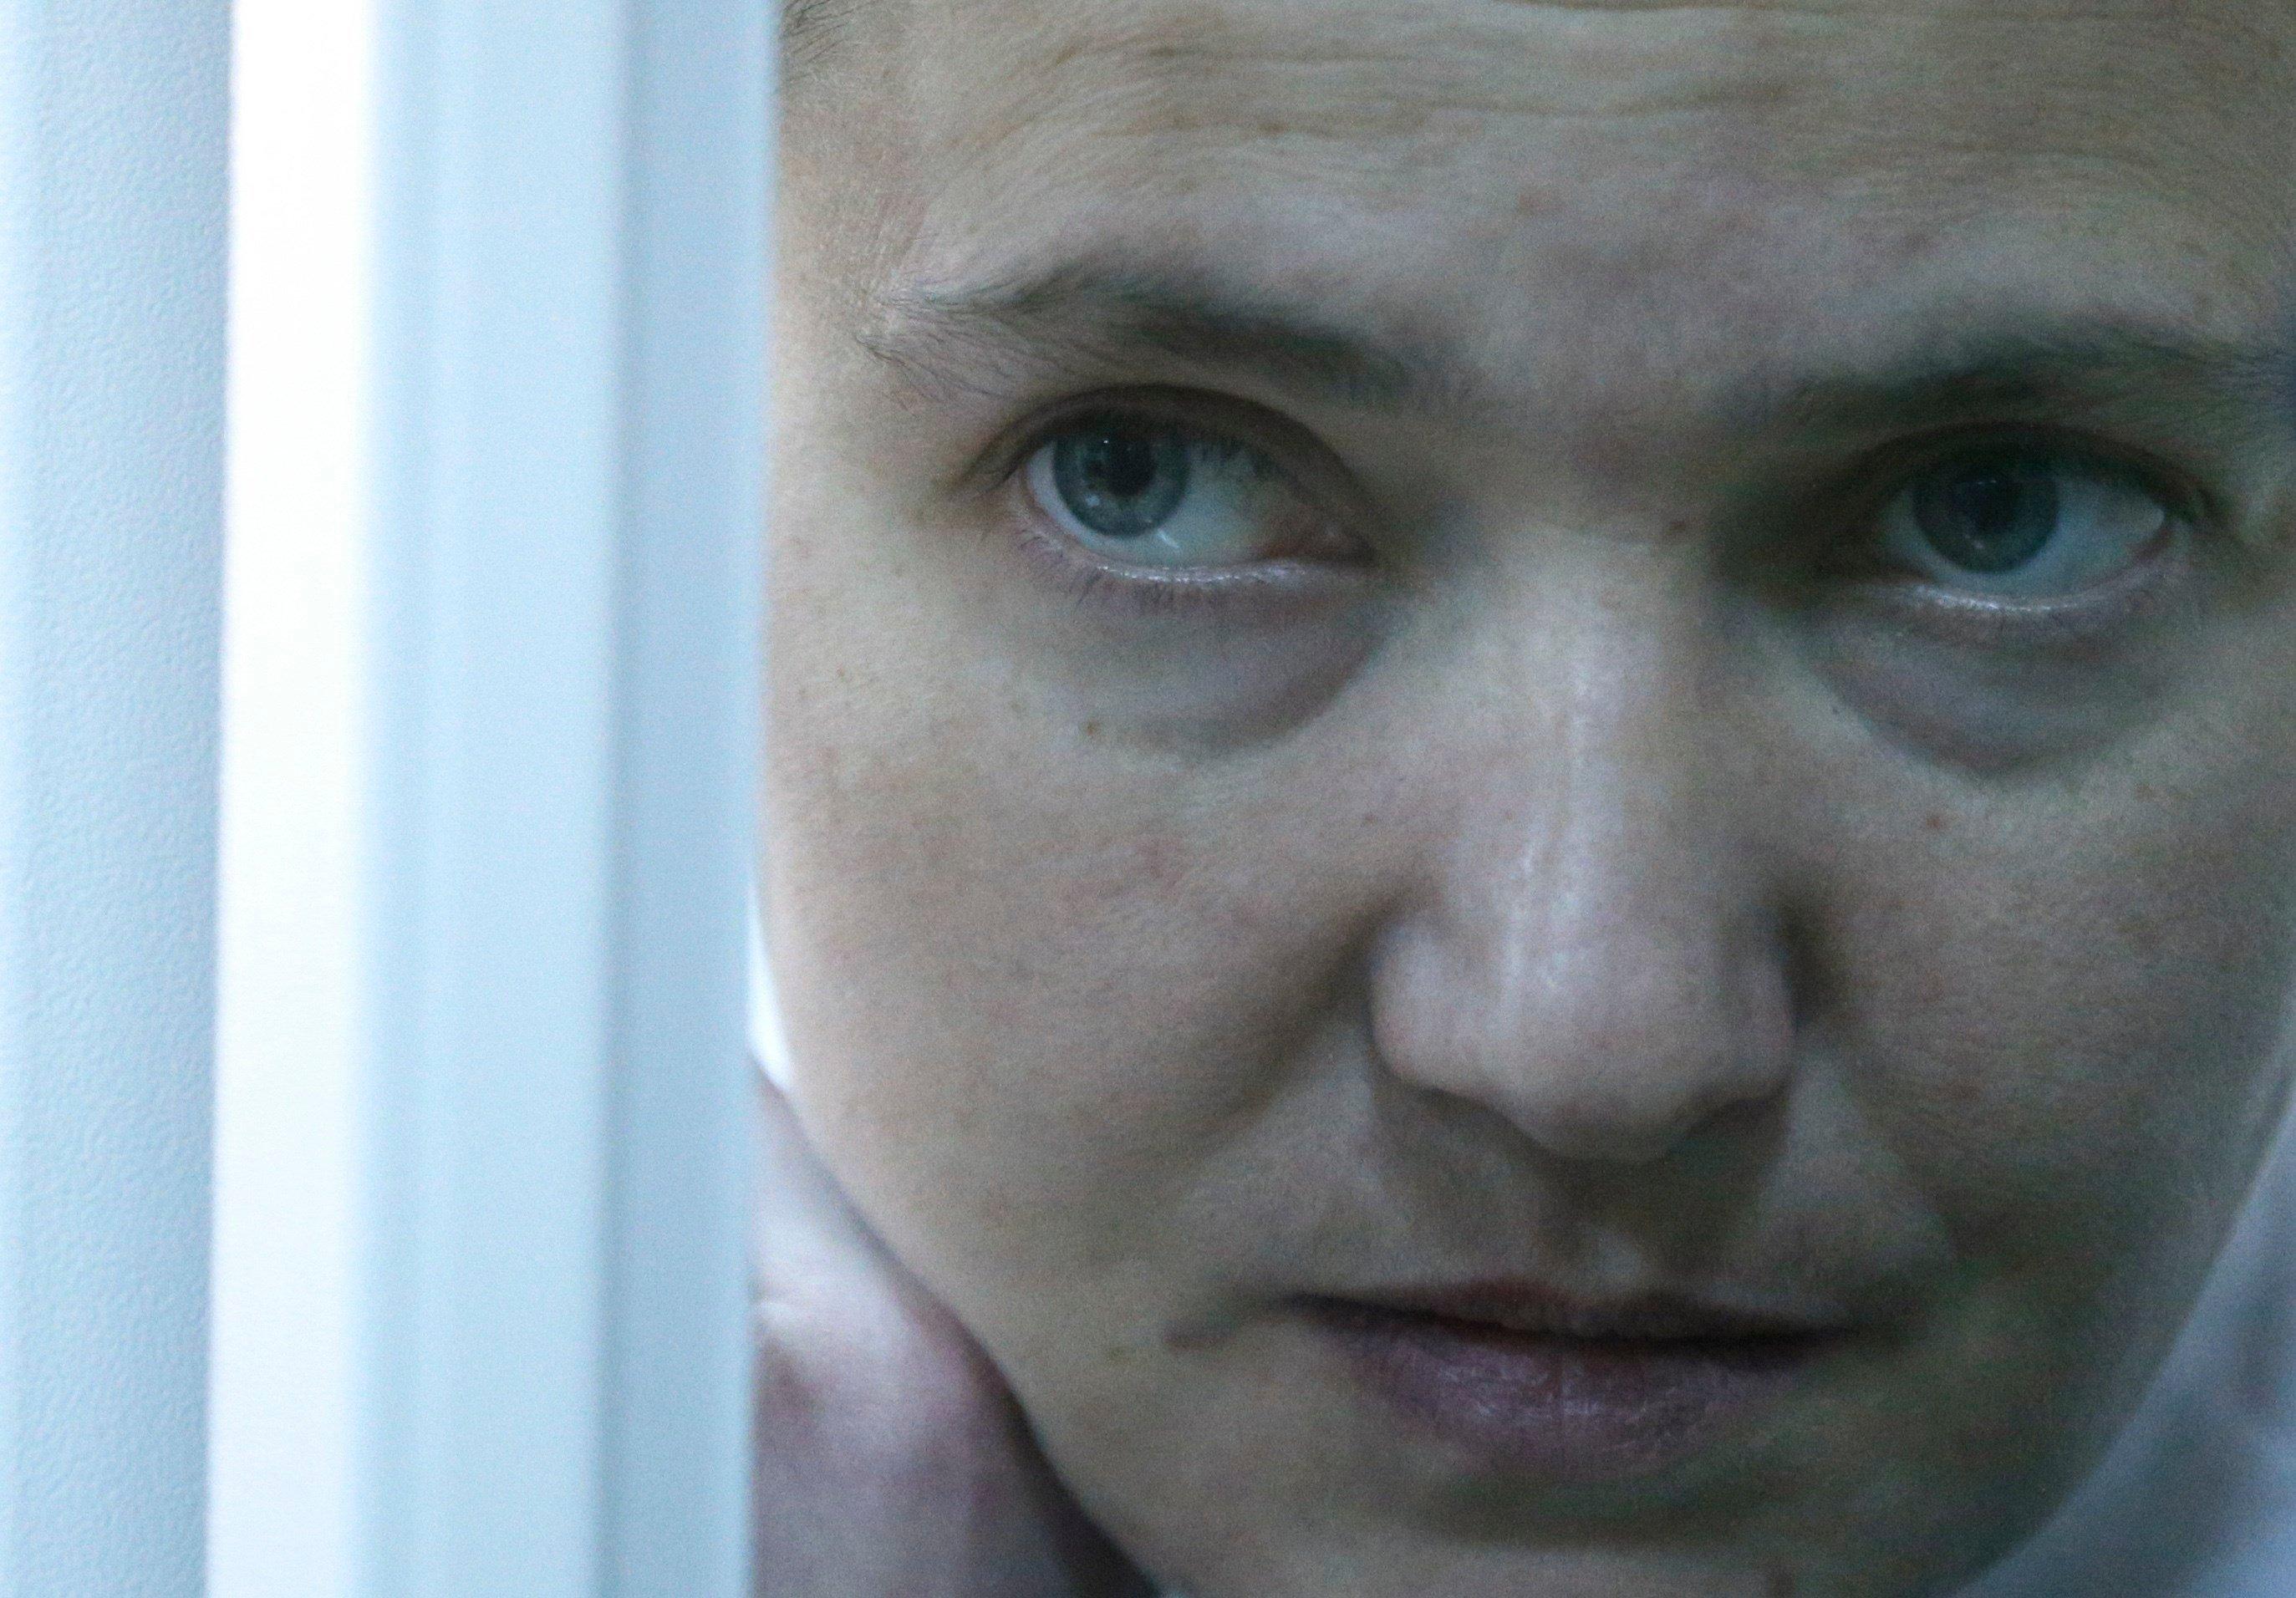 Надежда Савченко в Киеве проходит проверку на детекторе лжи в помещении СБУ